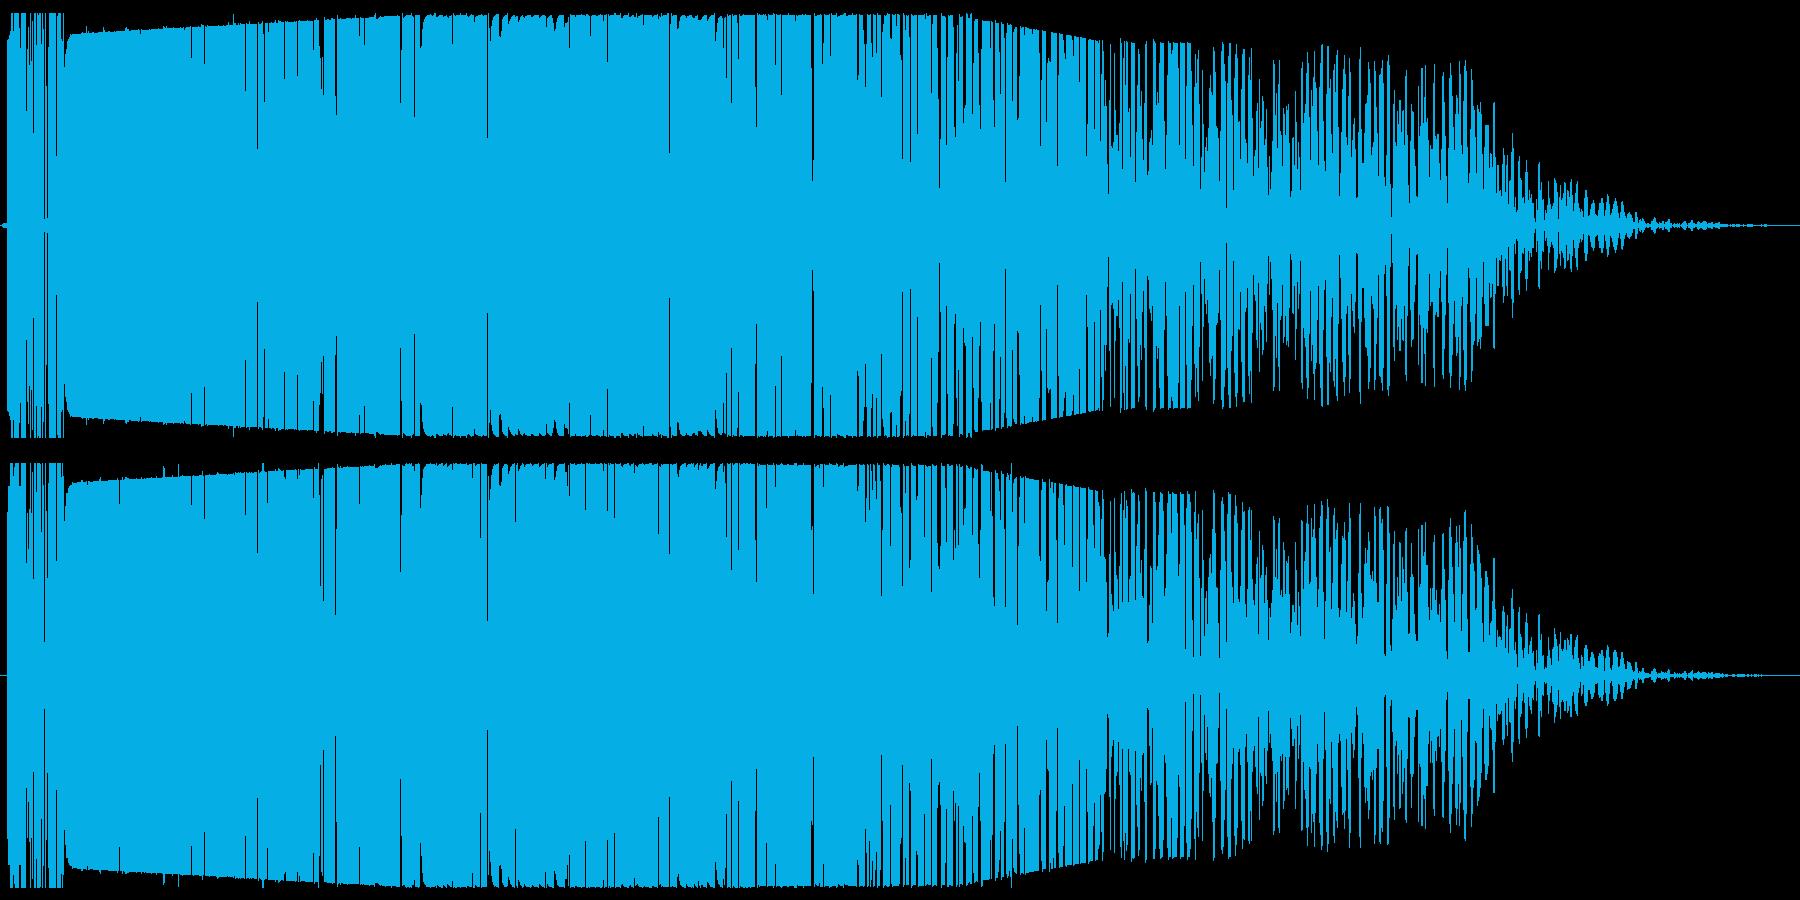 ゴォオオン(音が残る爆発音)の再生済みの波形